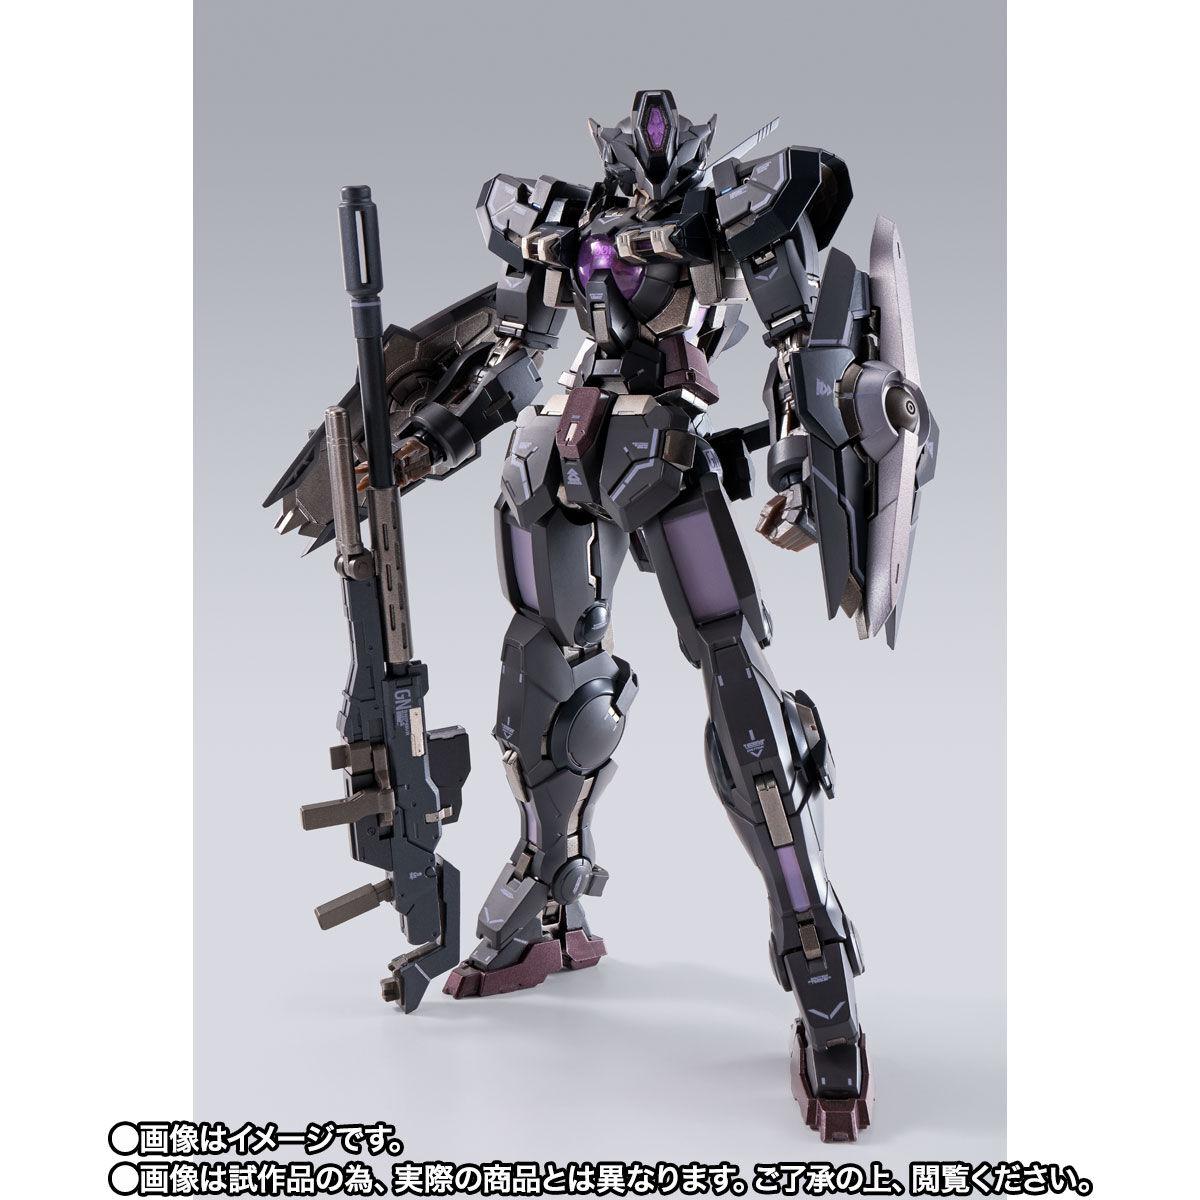 【限定販売】METAL BUILD『ガンダムアストレアTYPE-Xフィンスターニス』ガンダム00 可動フィギュア-002